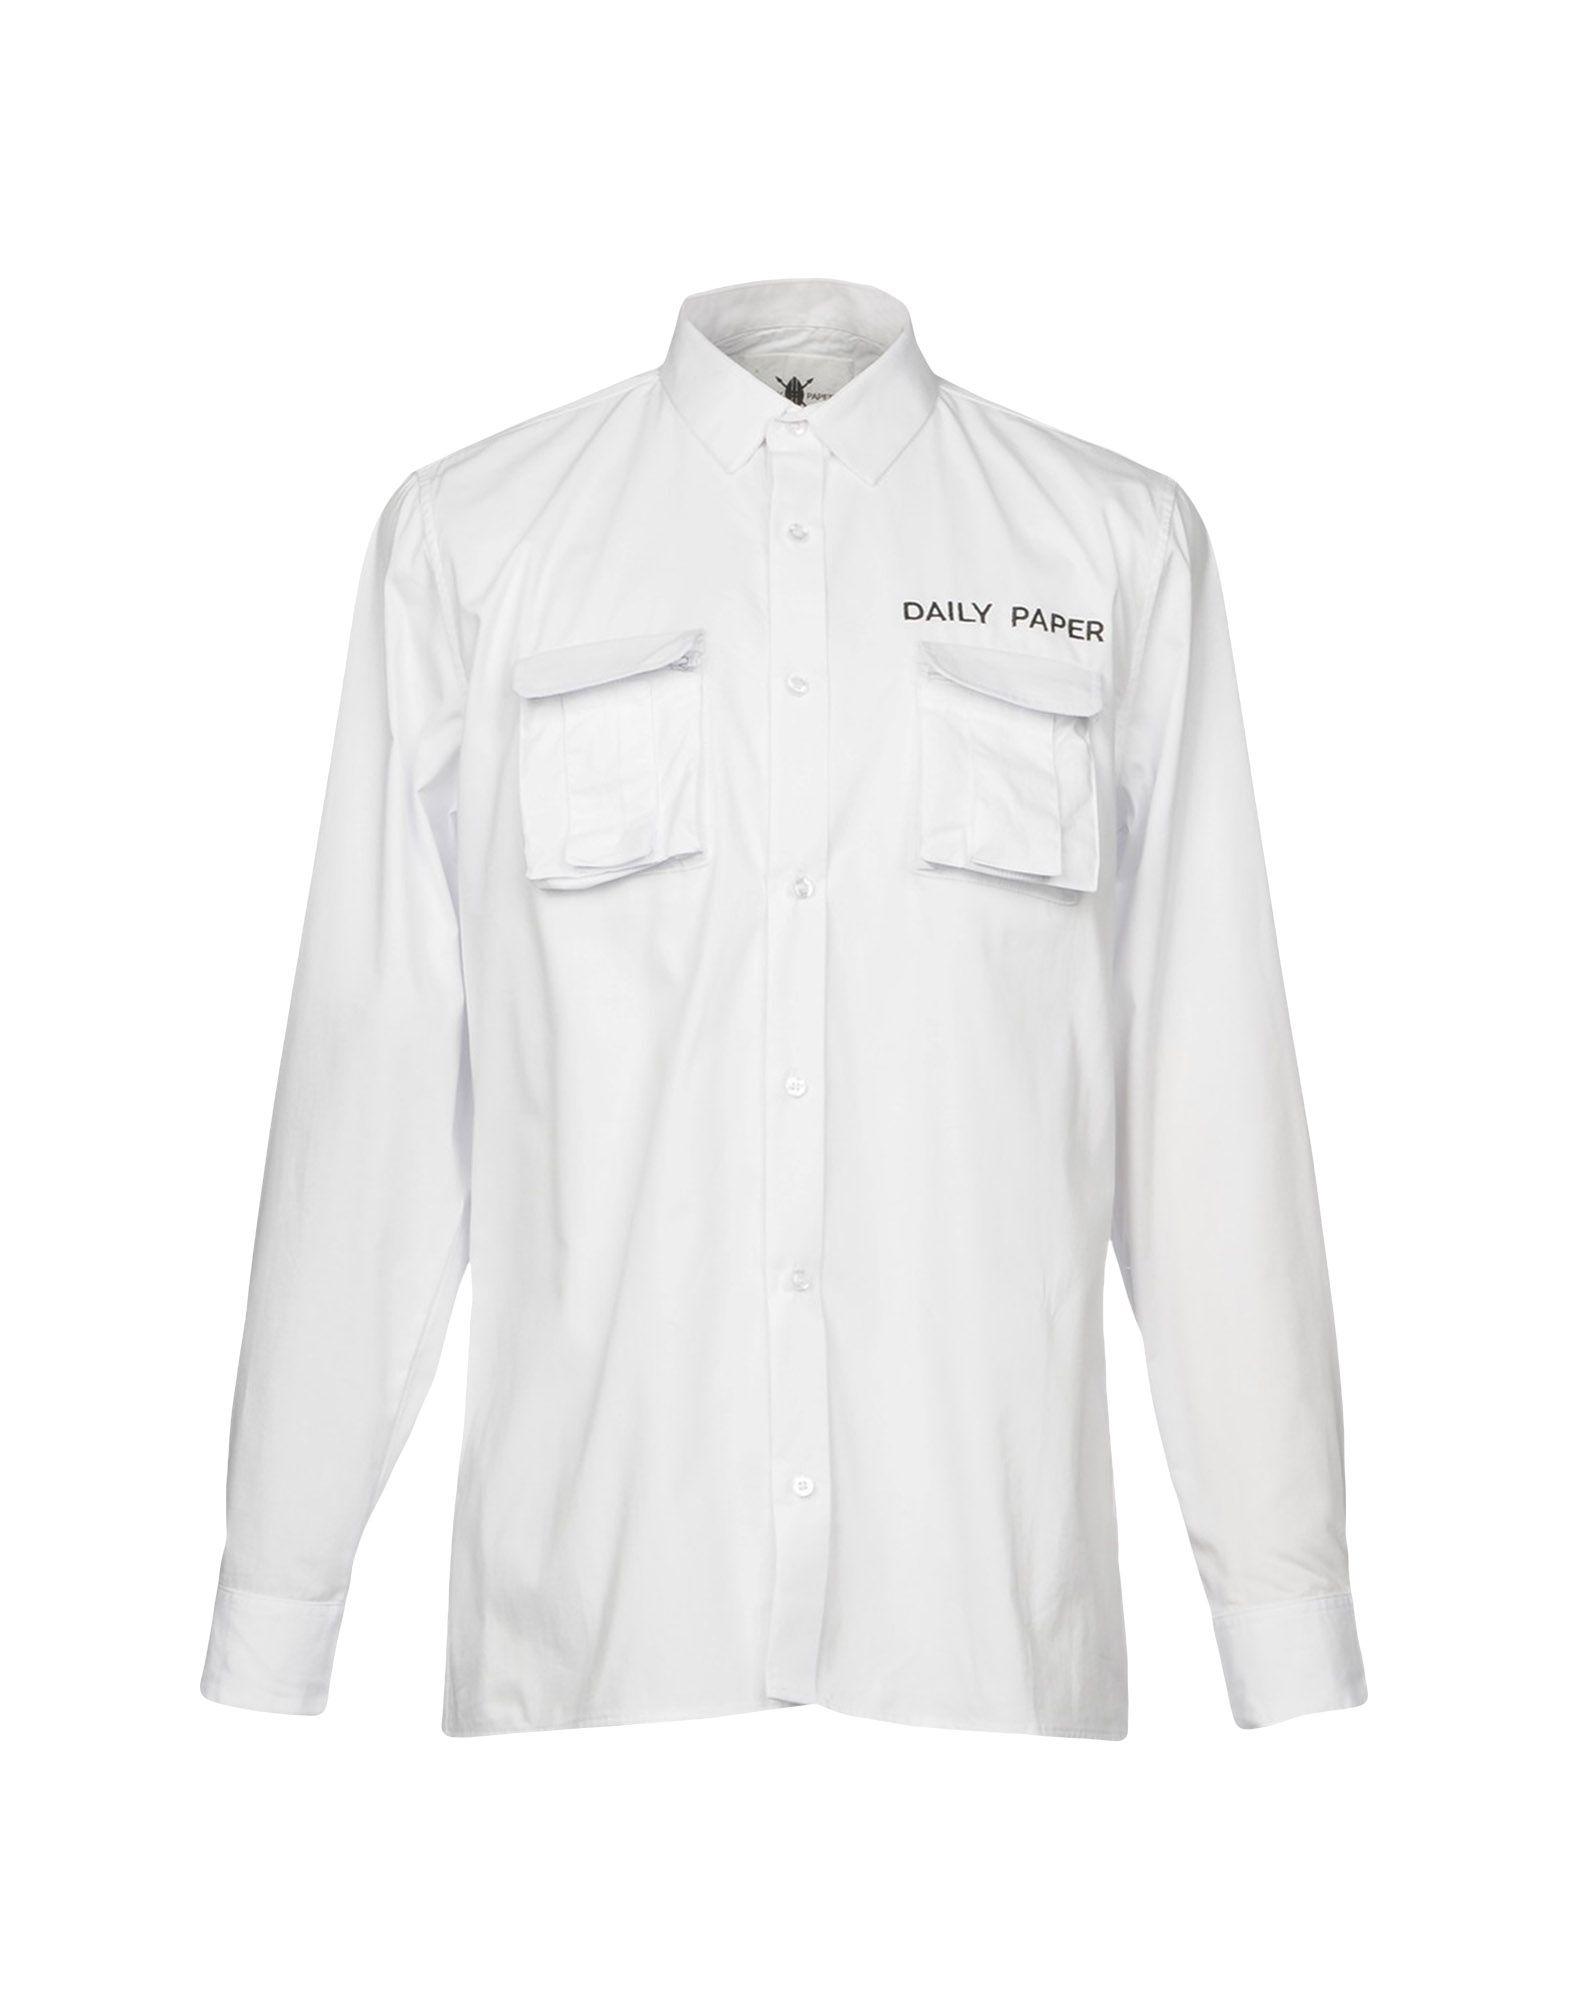 《送料無料》DAILY PAPER メンズ シャツ ホワイト S コットン 100%